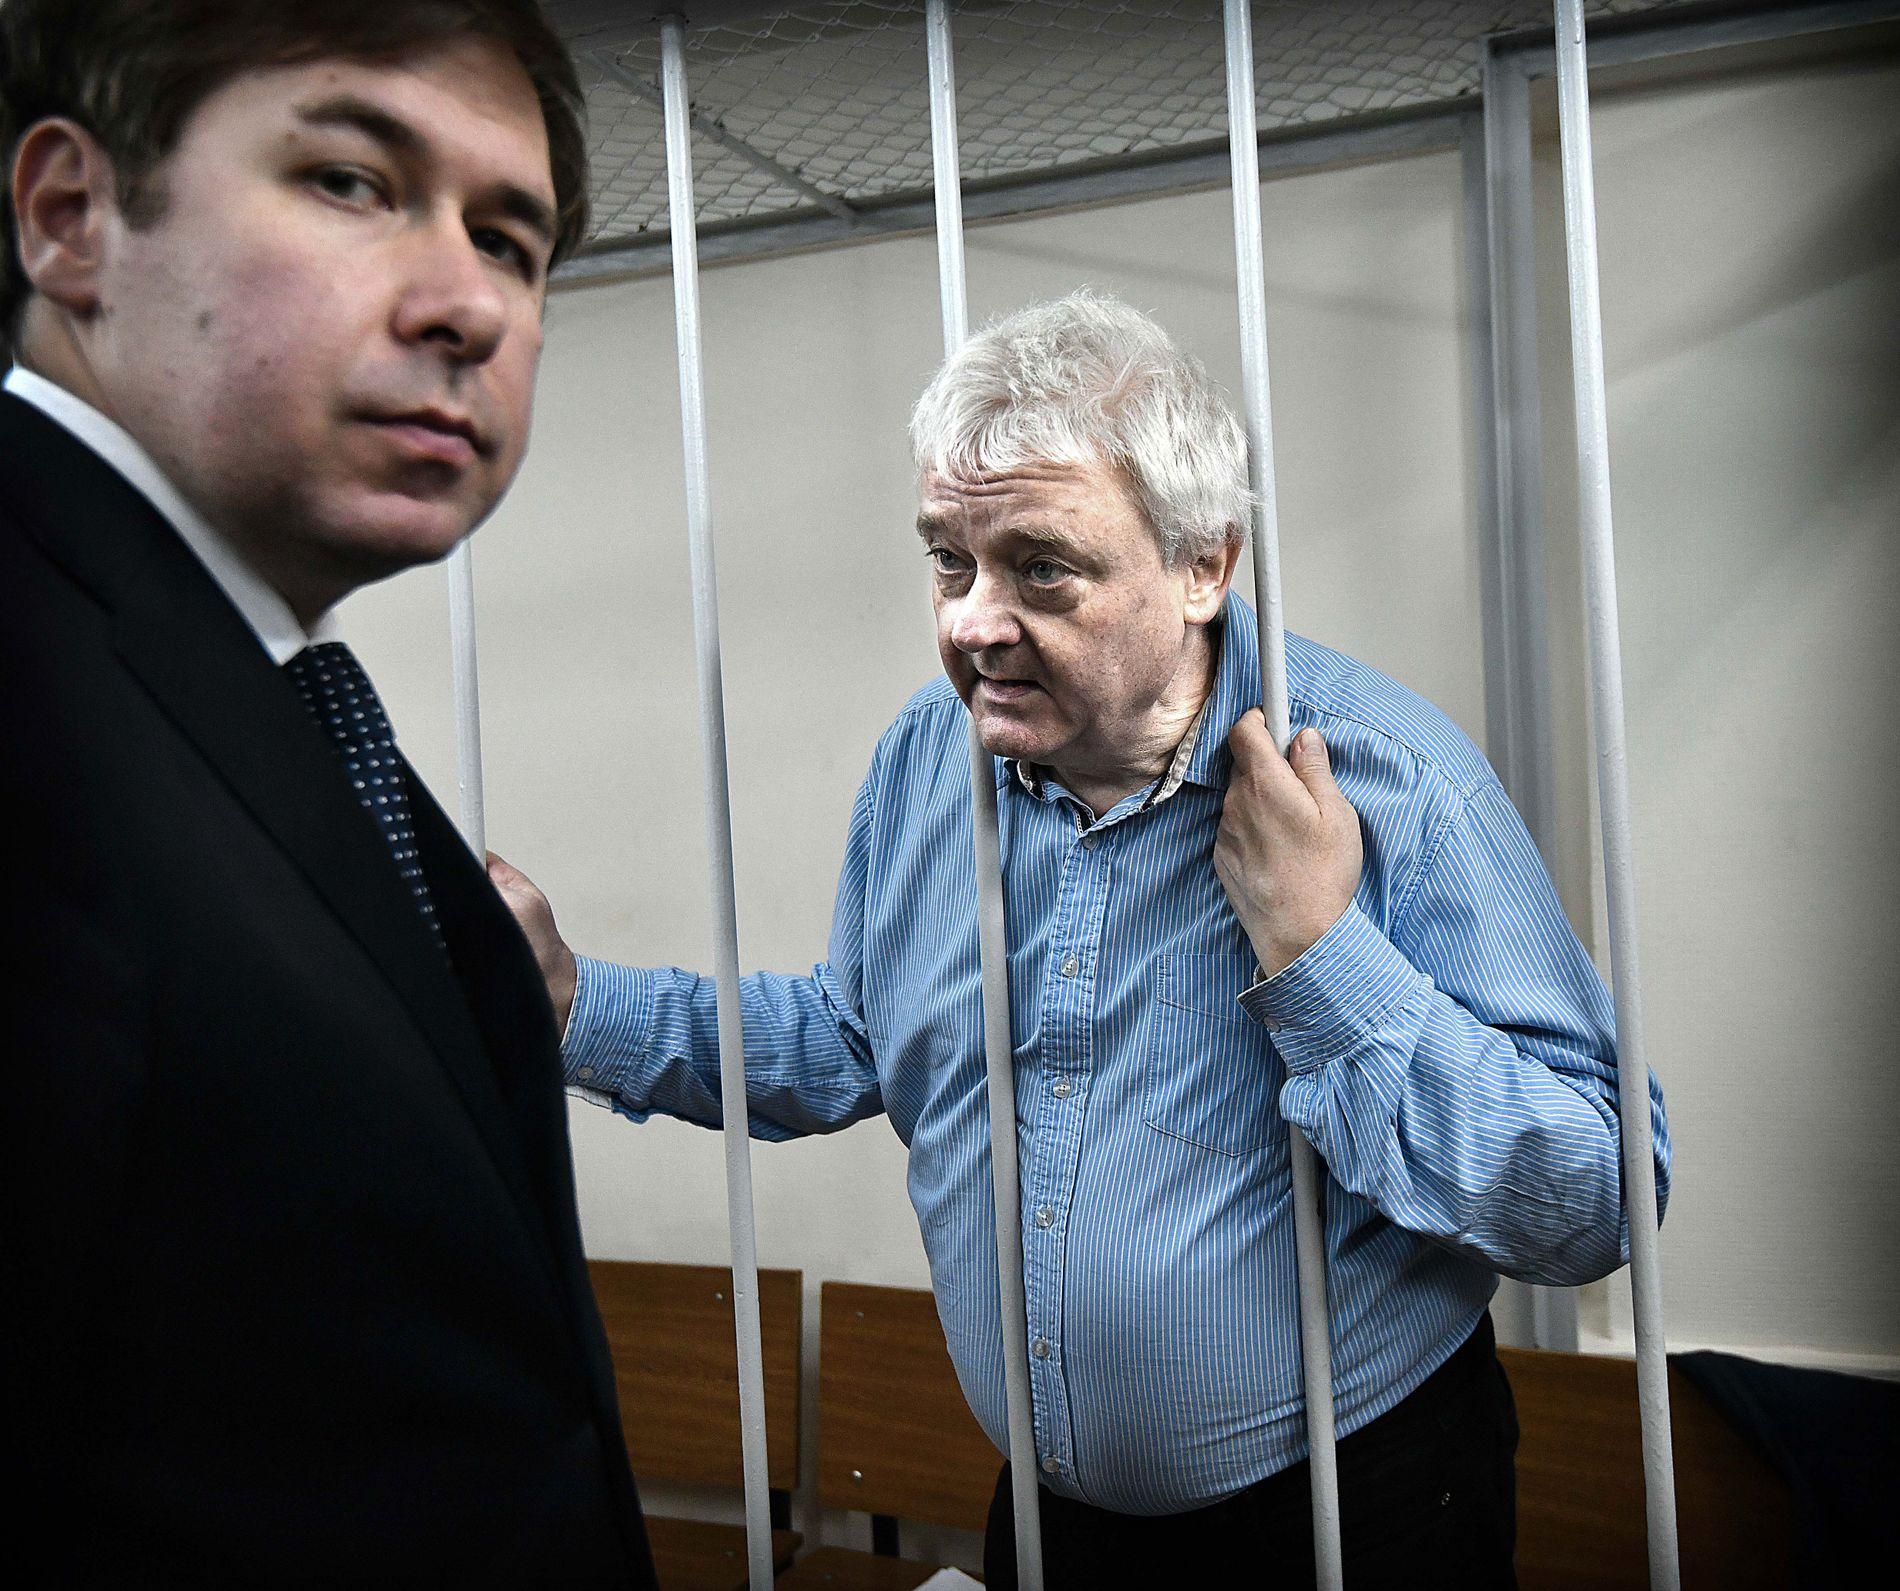 SPIONSIKTET: Frode Bergs advokater har ikke funnet noen eksempler på at en person som har blitt spionsiktet noensinne har blitt frifunnet i det russiske rettssystemet. Her er han i retten med sin russiske advokat Ilja Novikov